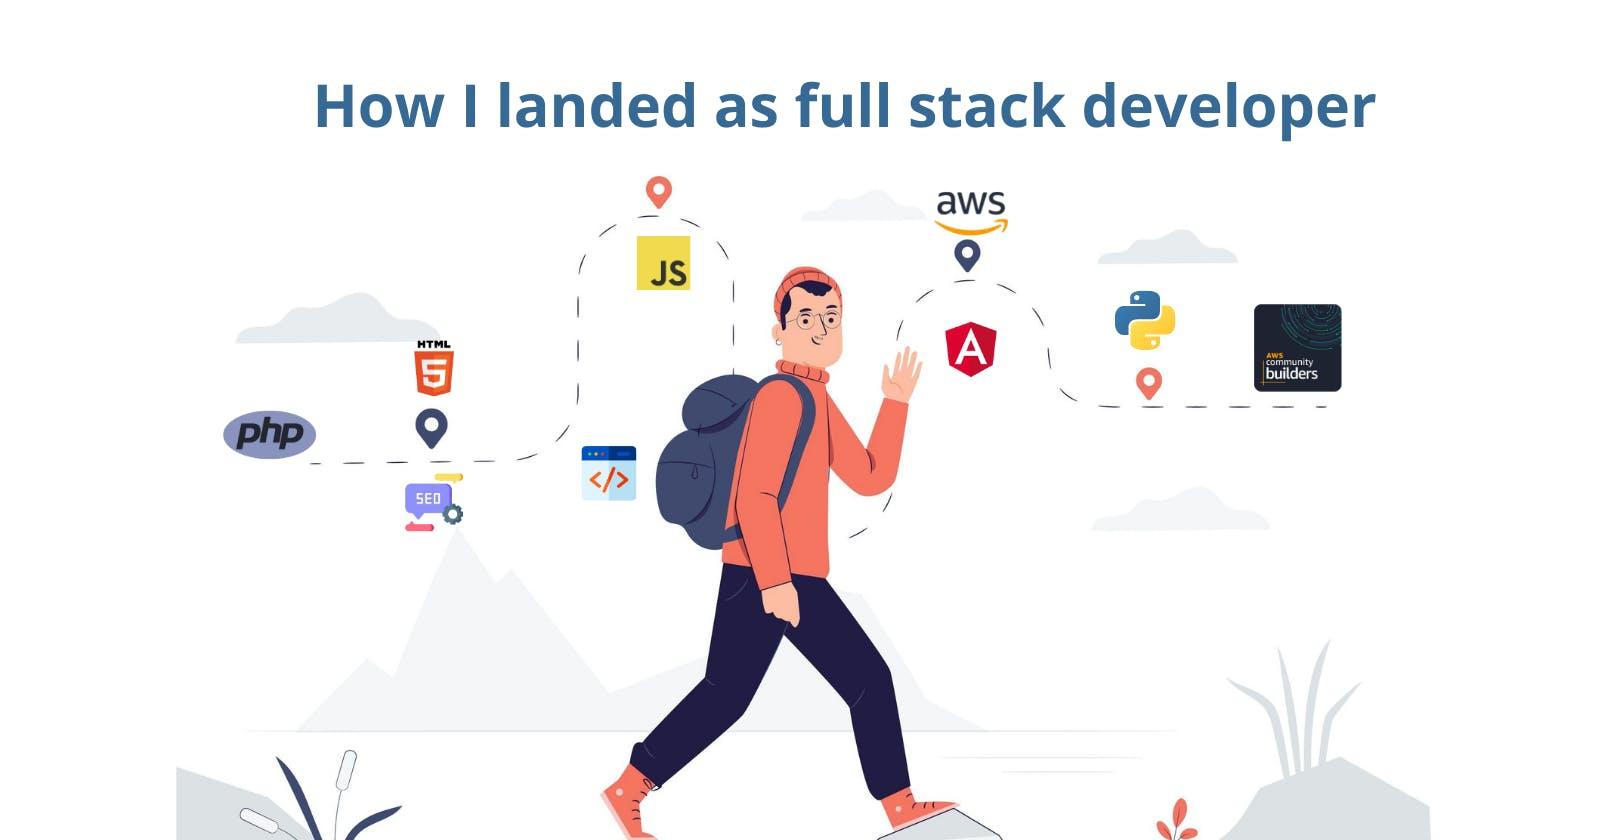 How I landed as full stack developer